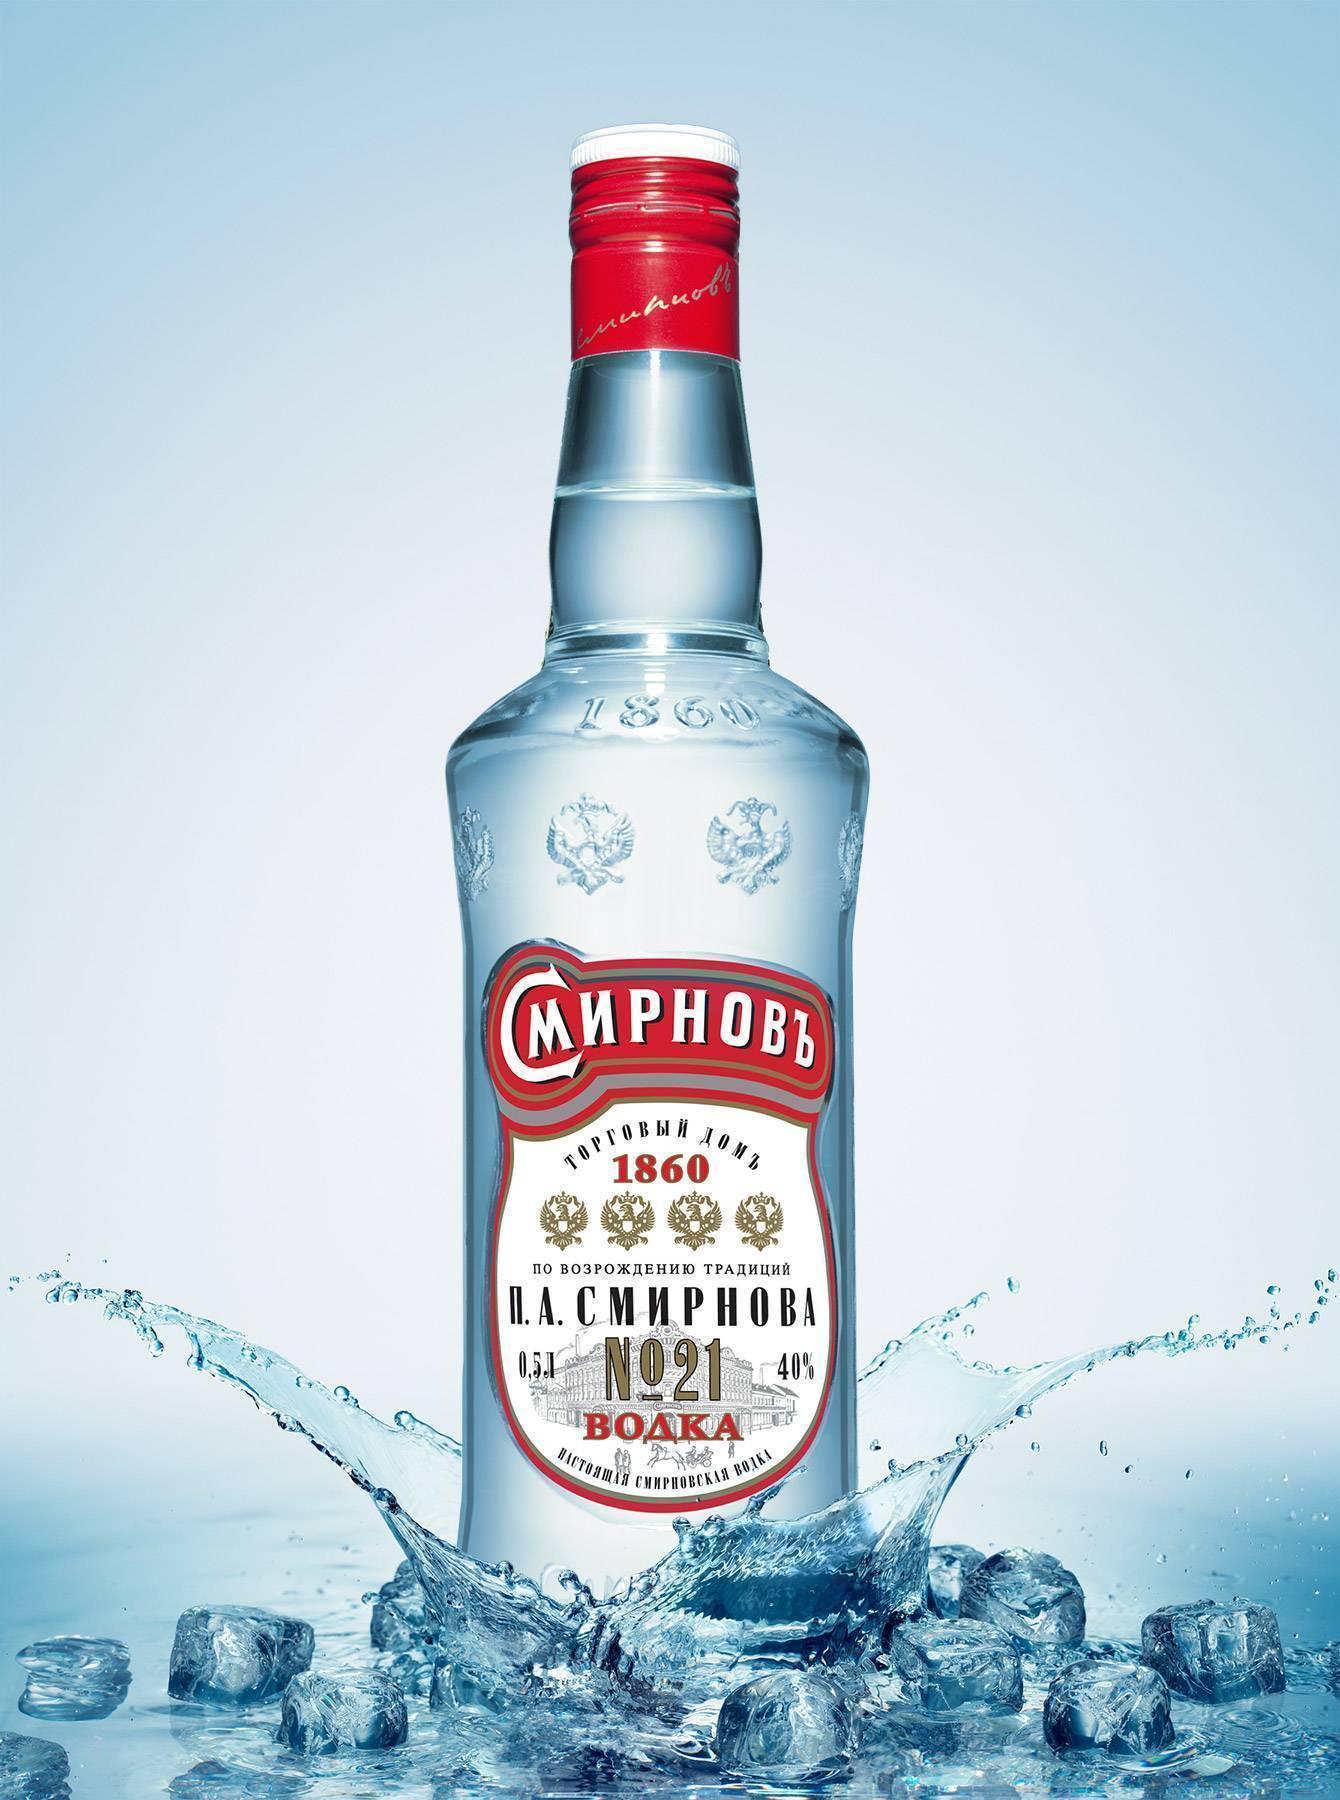 Водка смирнов (smirnoff): виды, ценообразование. история бренда